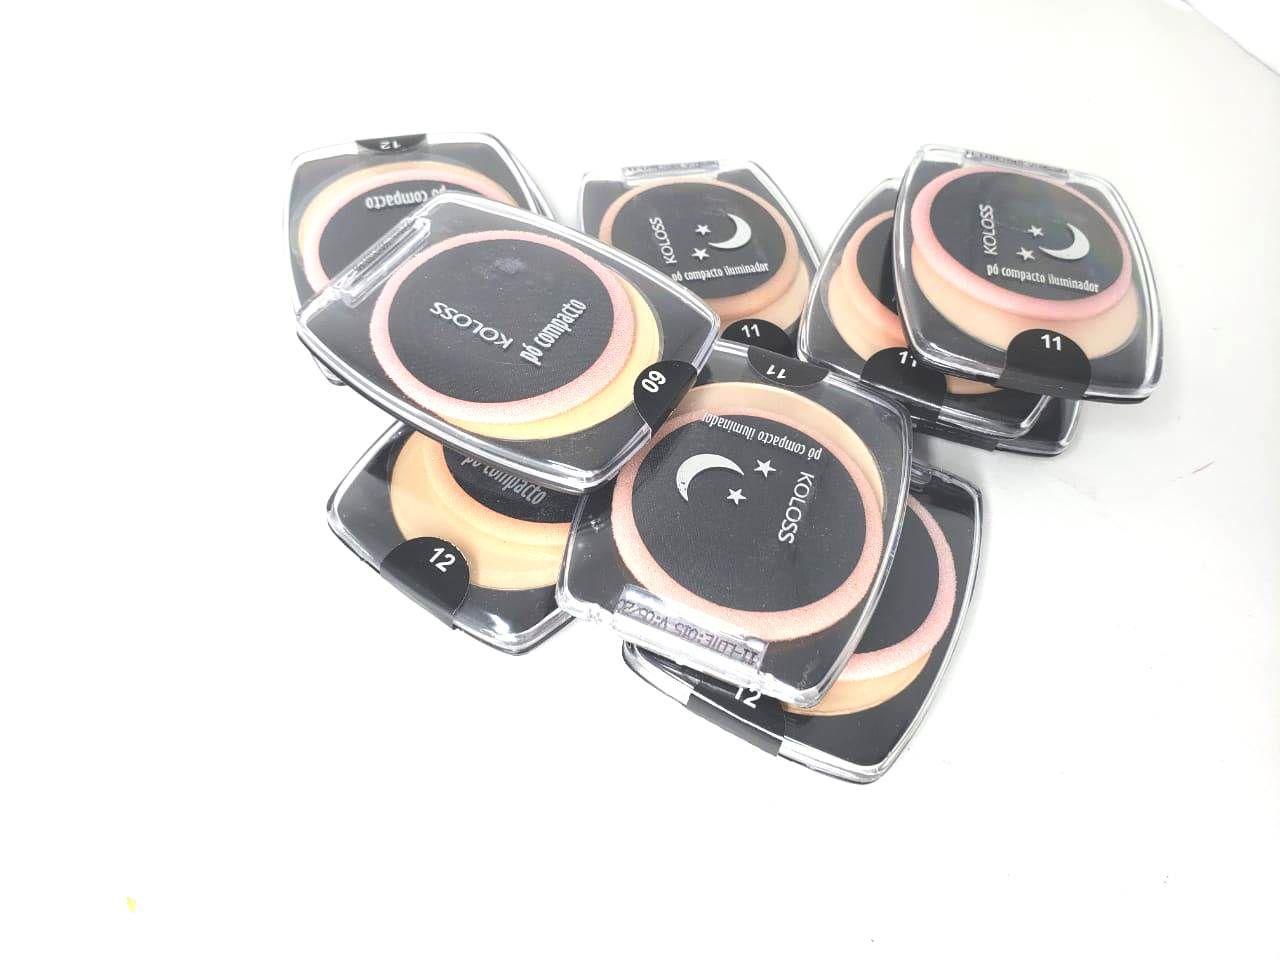 Caixa Pó compacto koloss cor 07 c/ 10 un -preço de custo